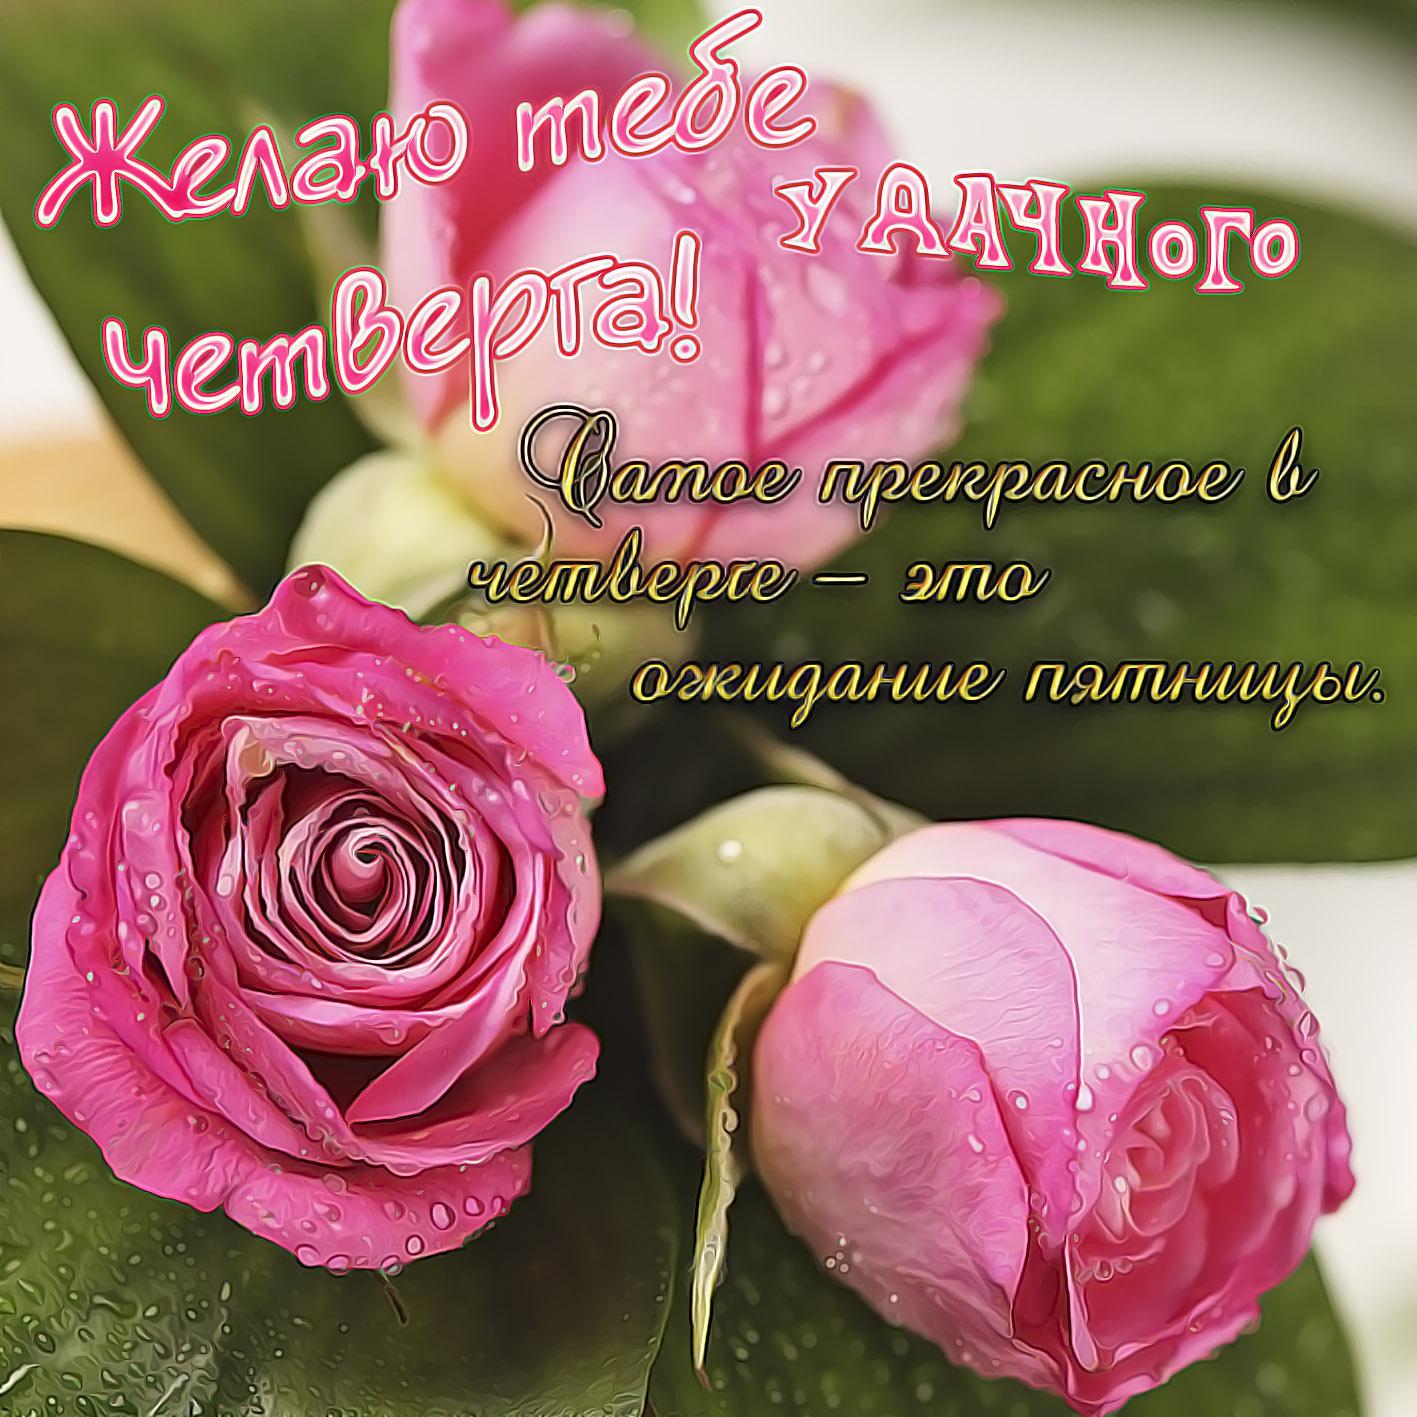 Гифка четверг август день чудесный стихи без вирусов